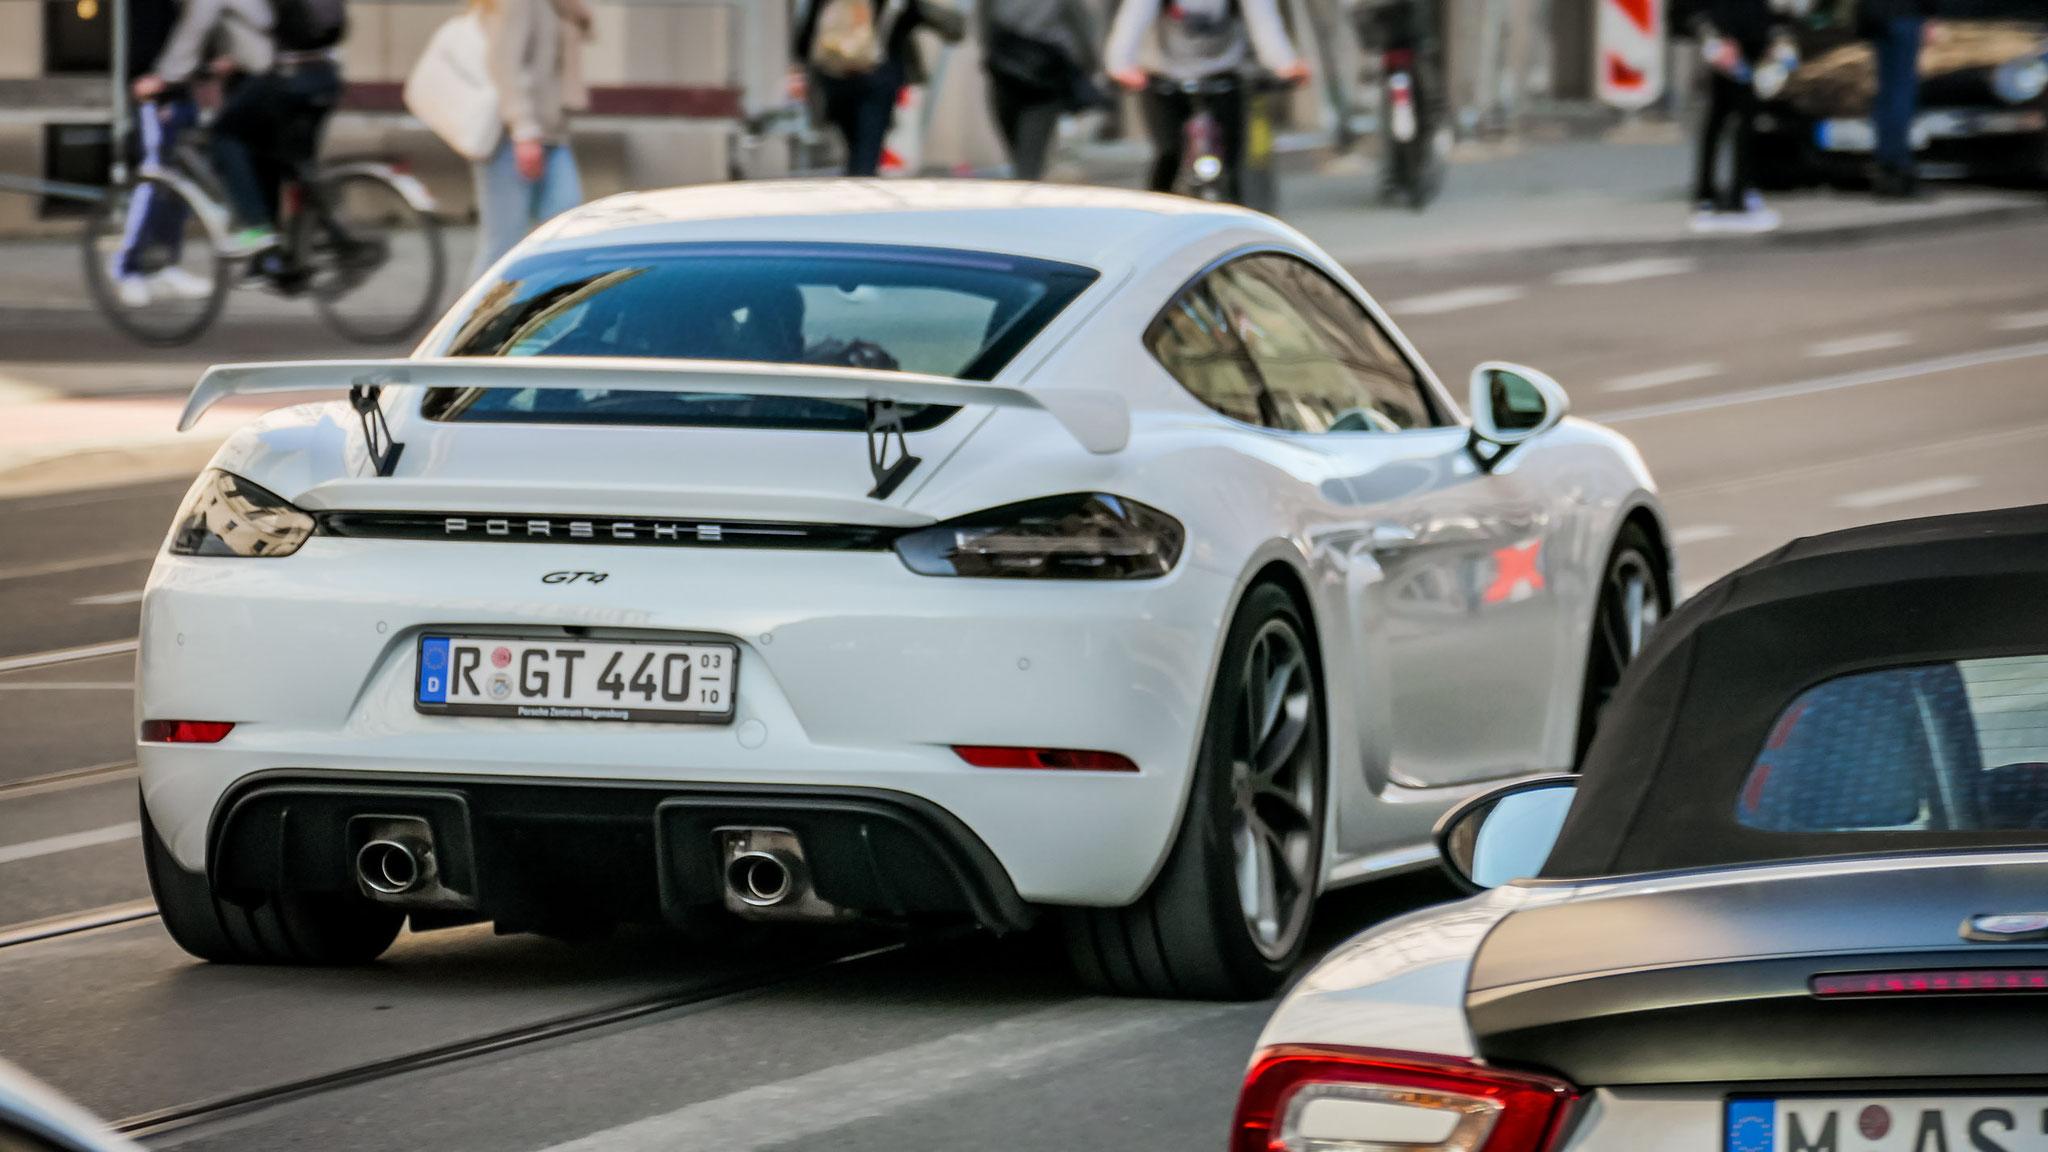 Porsche Cayman GT4 - R-GT-440